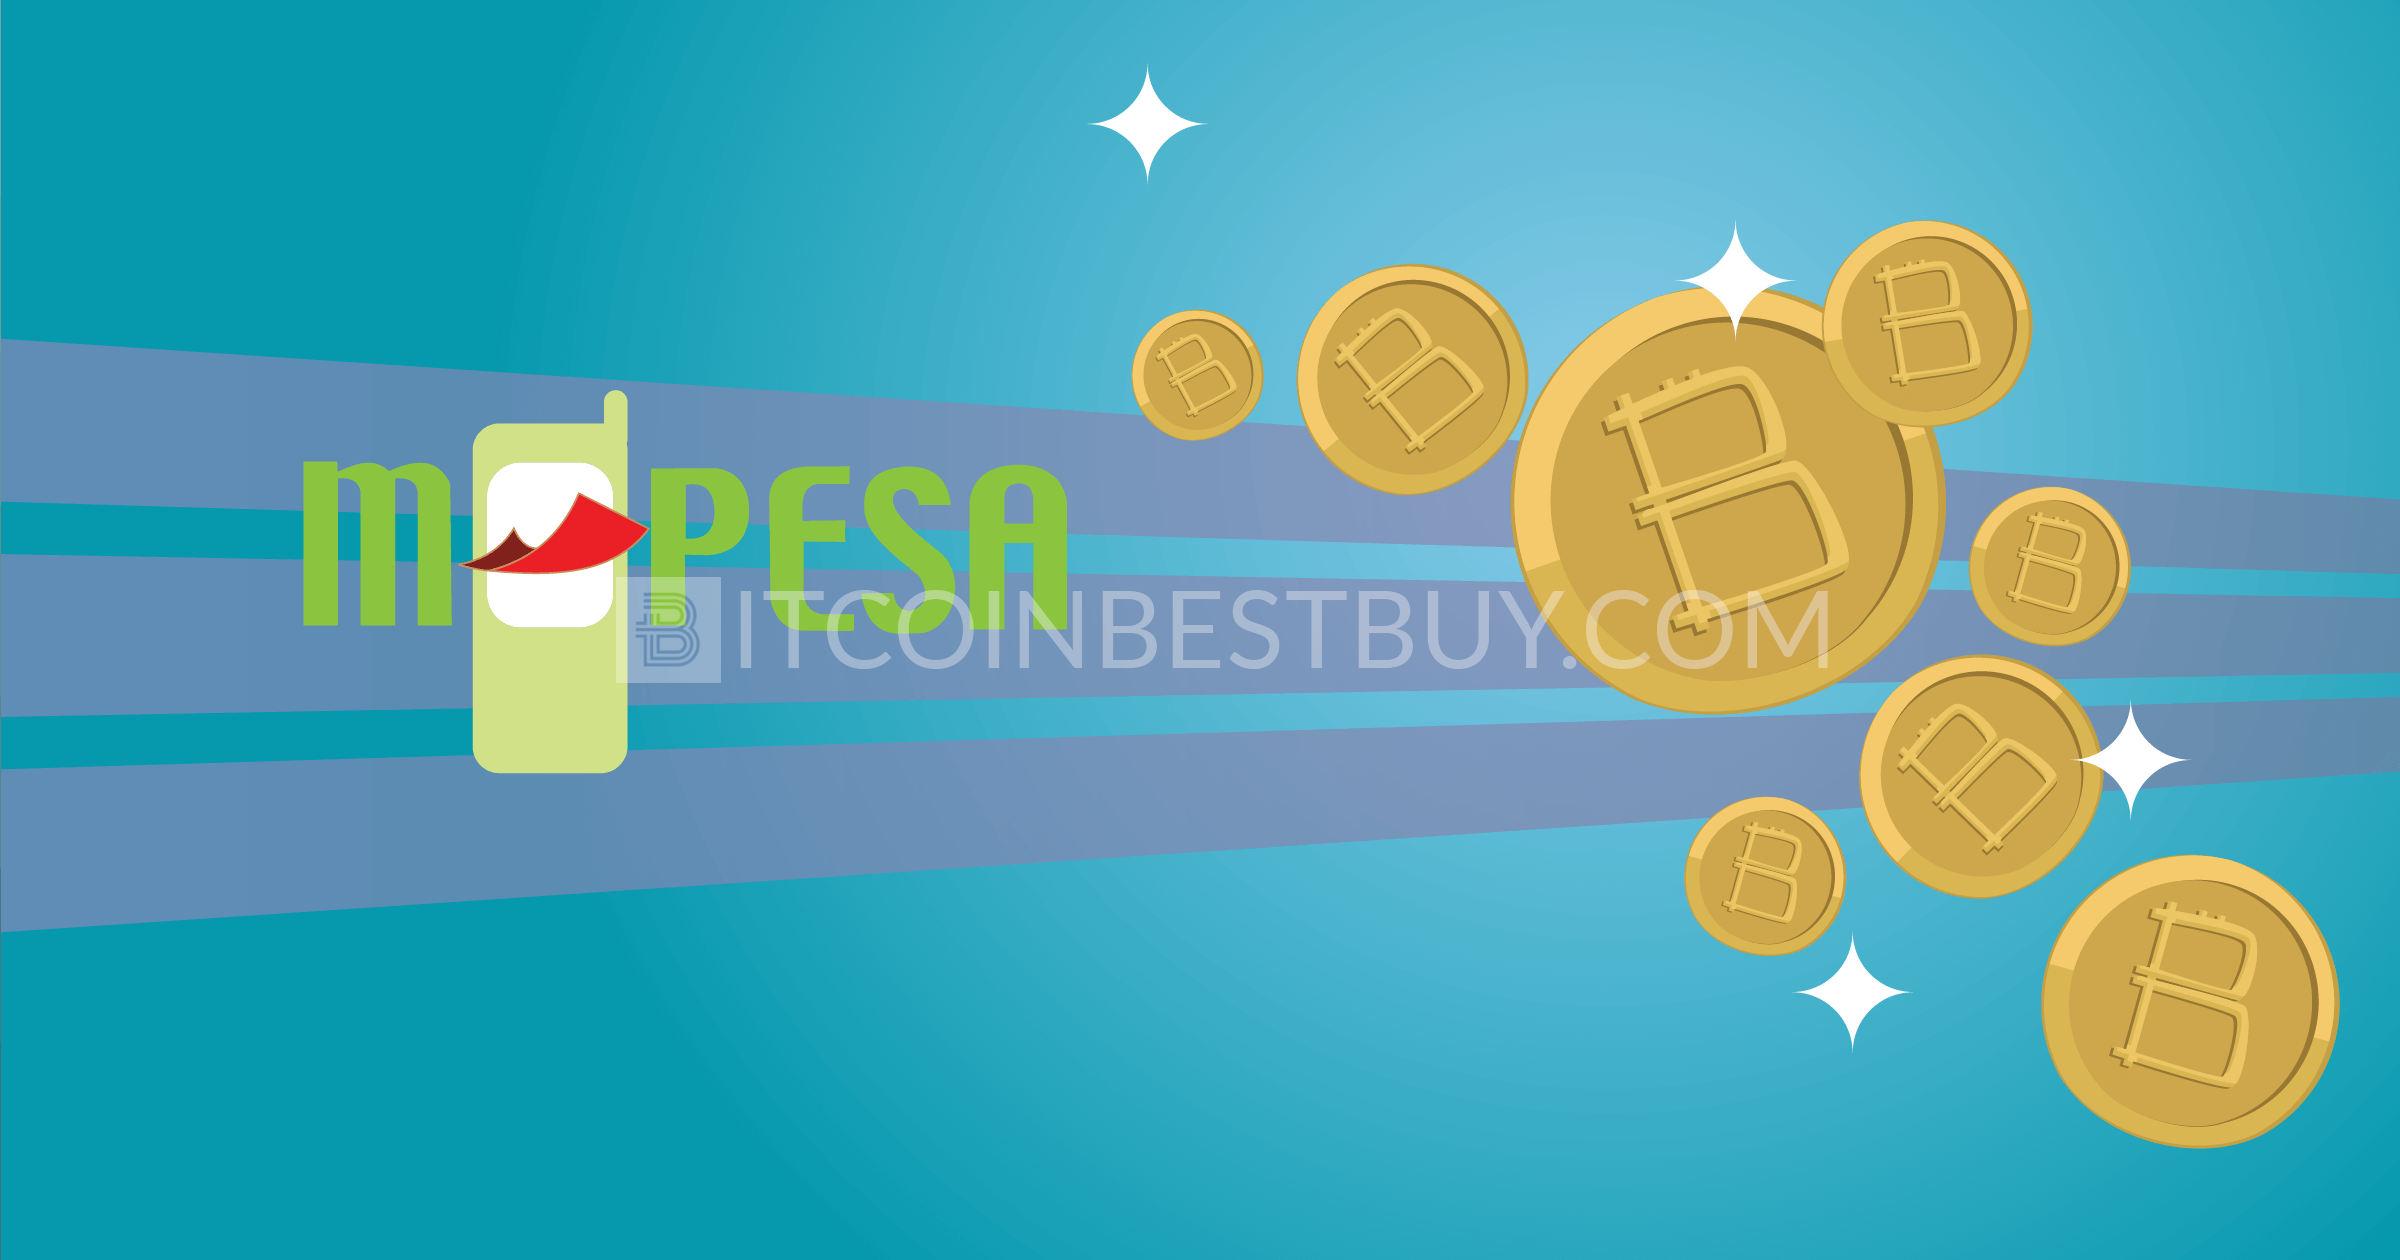 bitcoin į mpesa